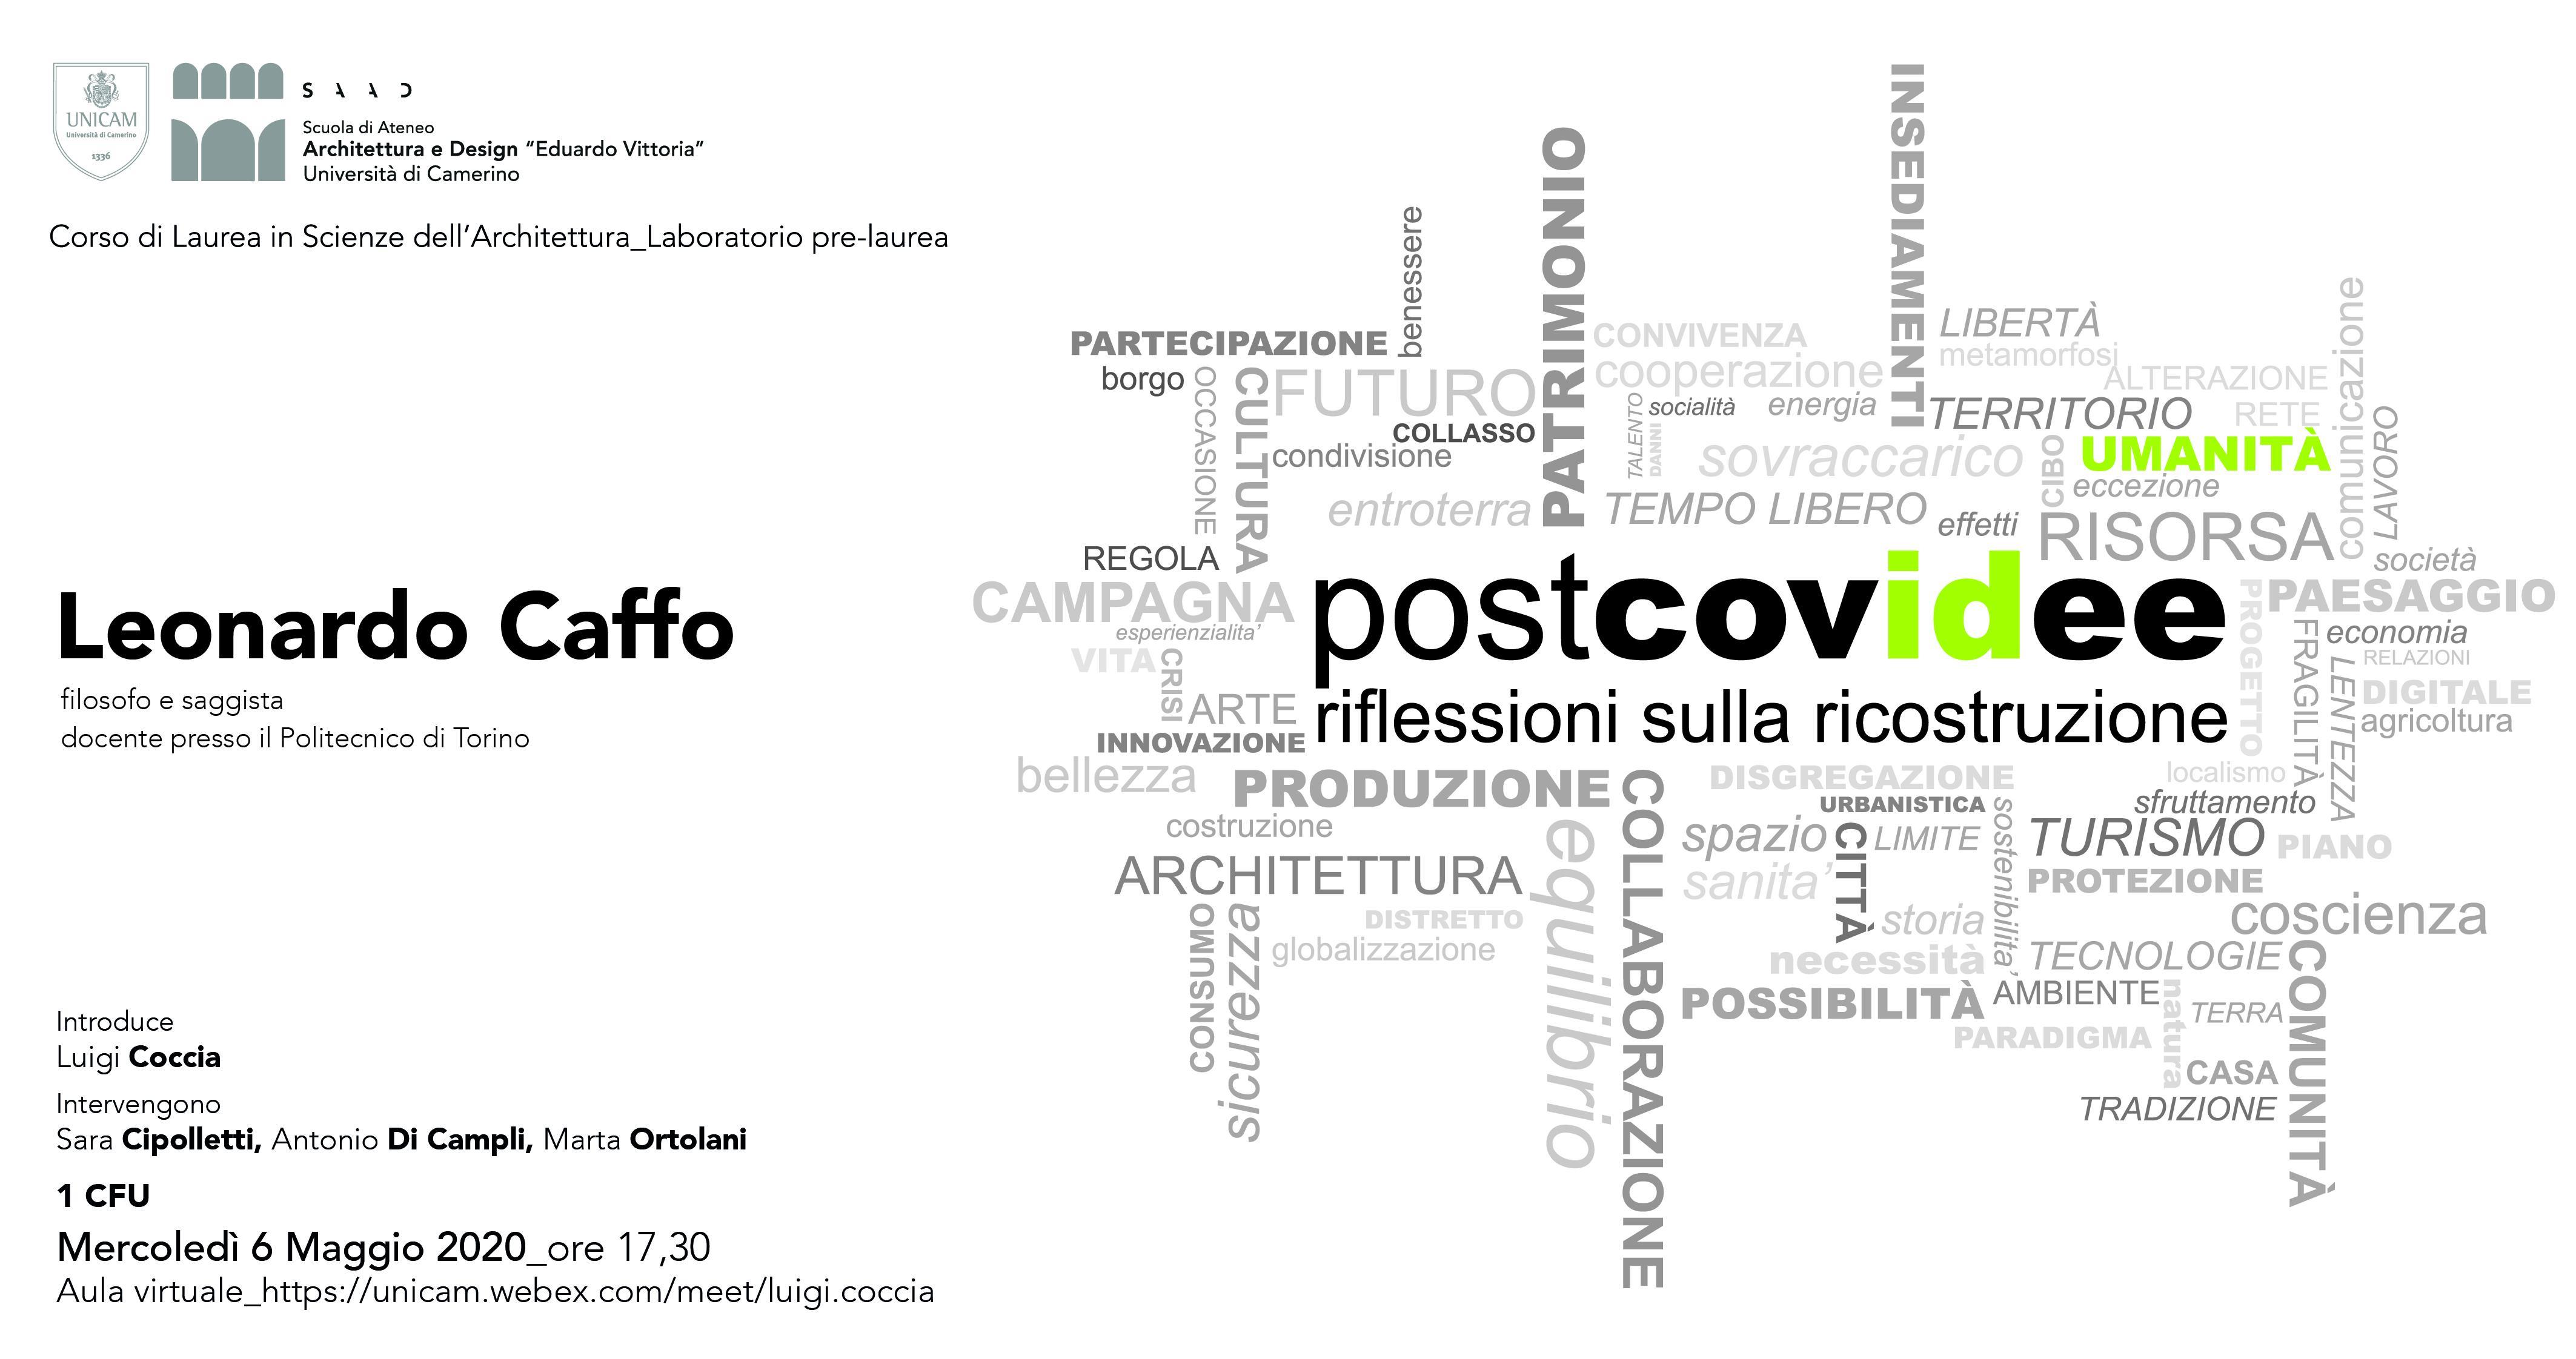 Offerte Lavoro Architetto Treviso tutte le notizie | scuola di ateneo architettura e design